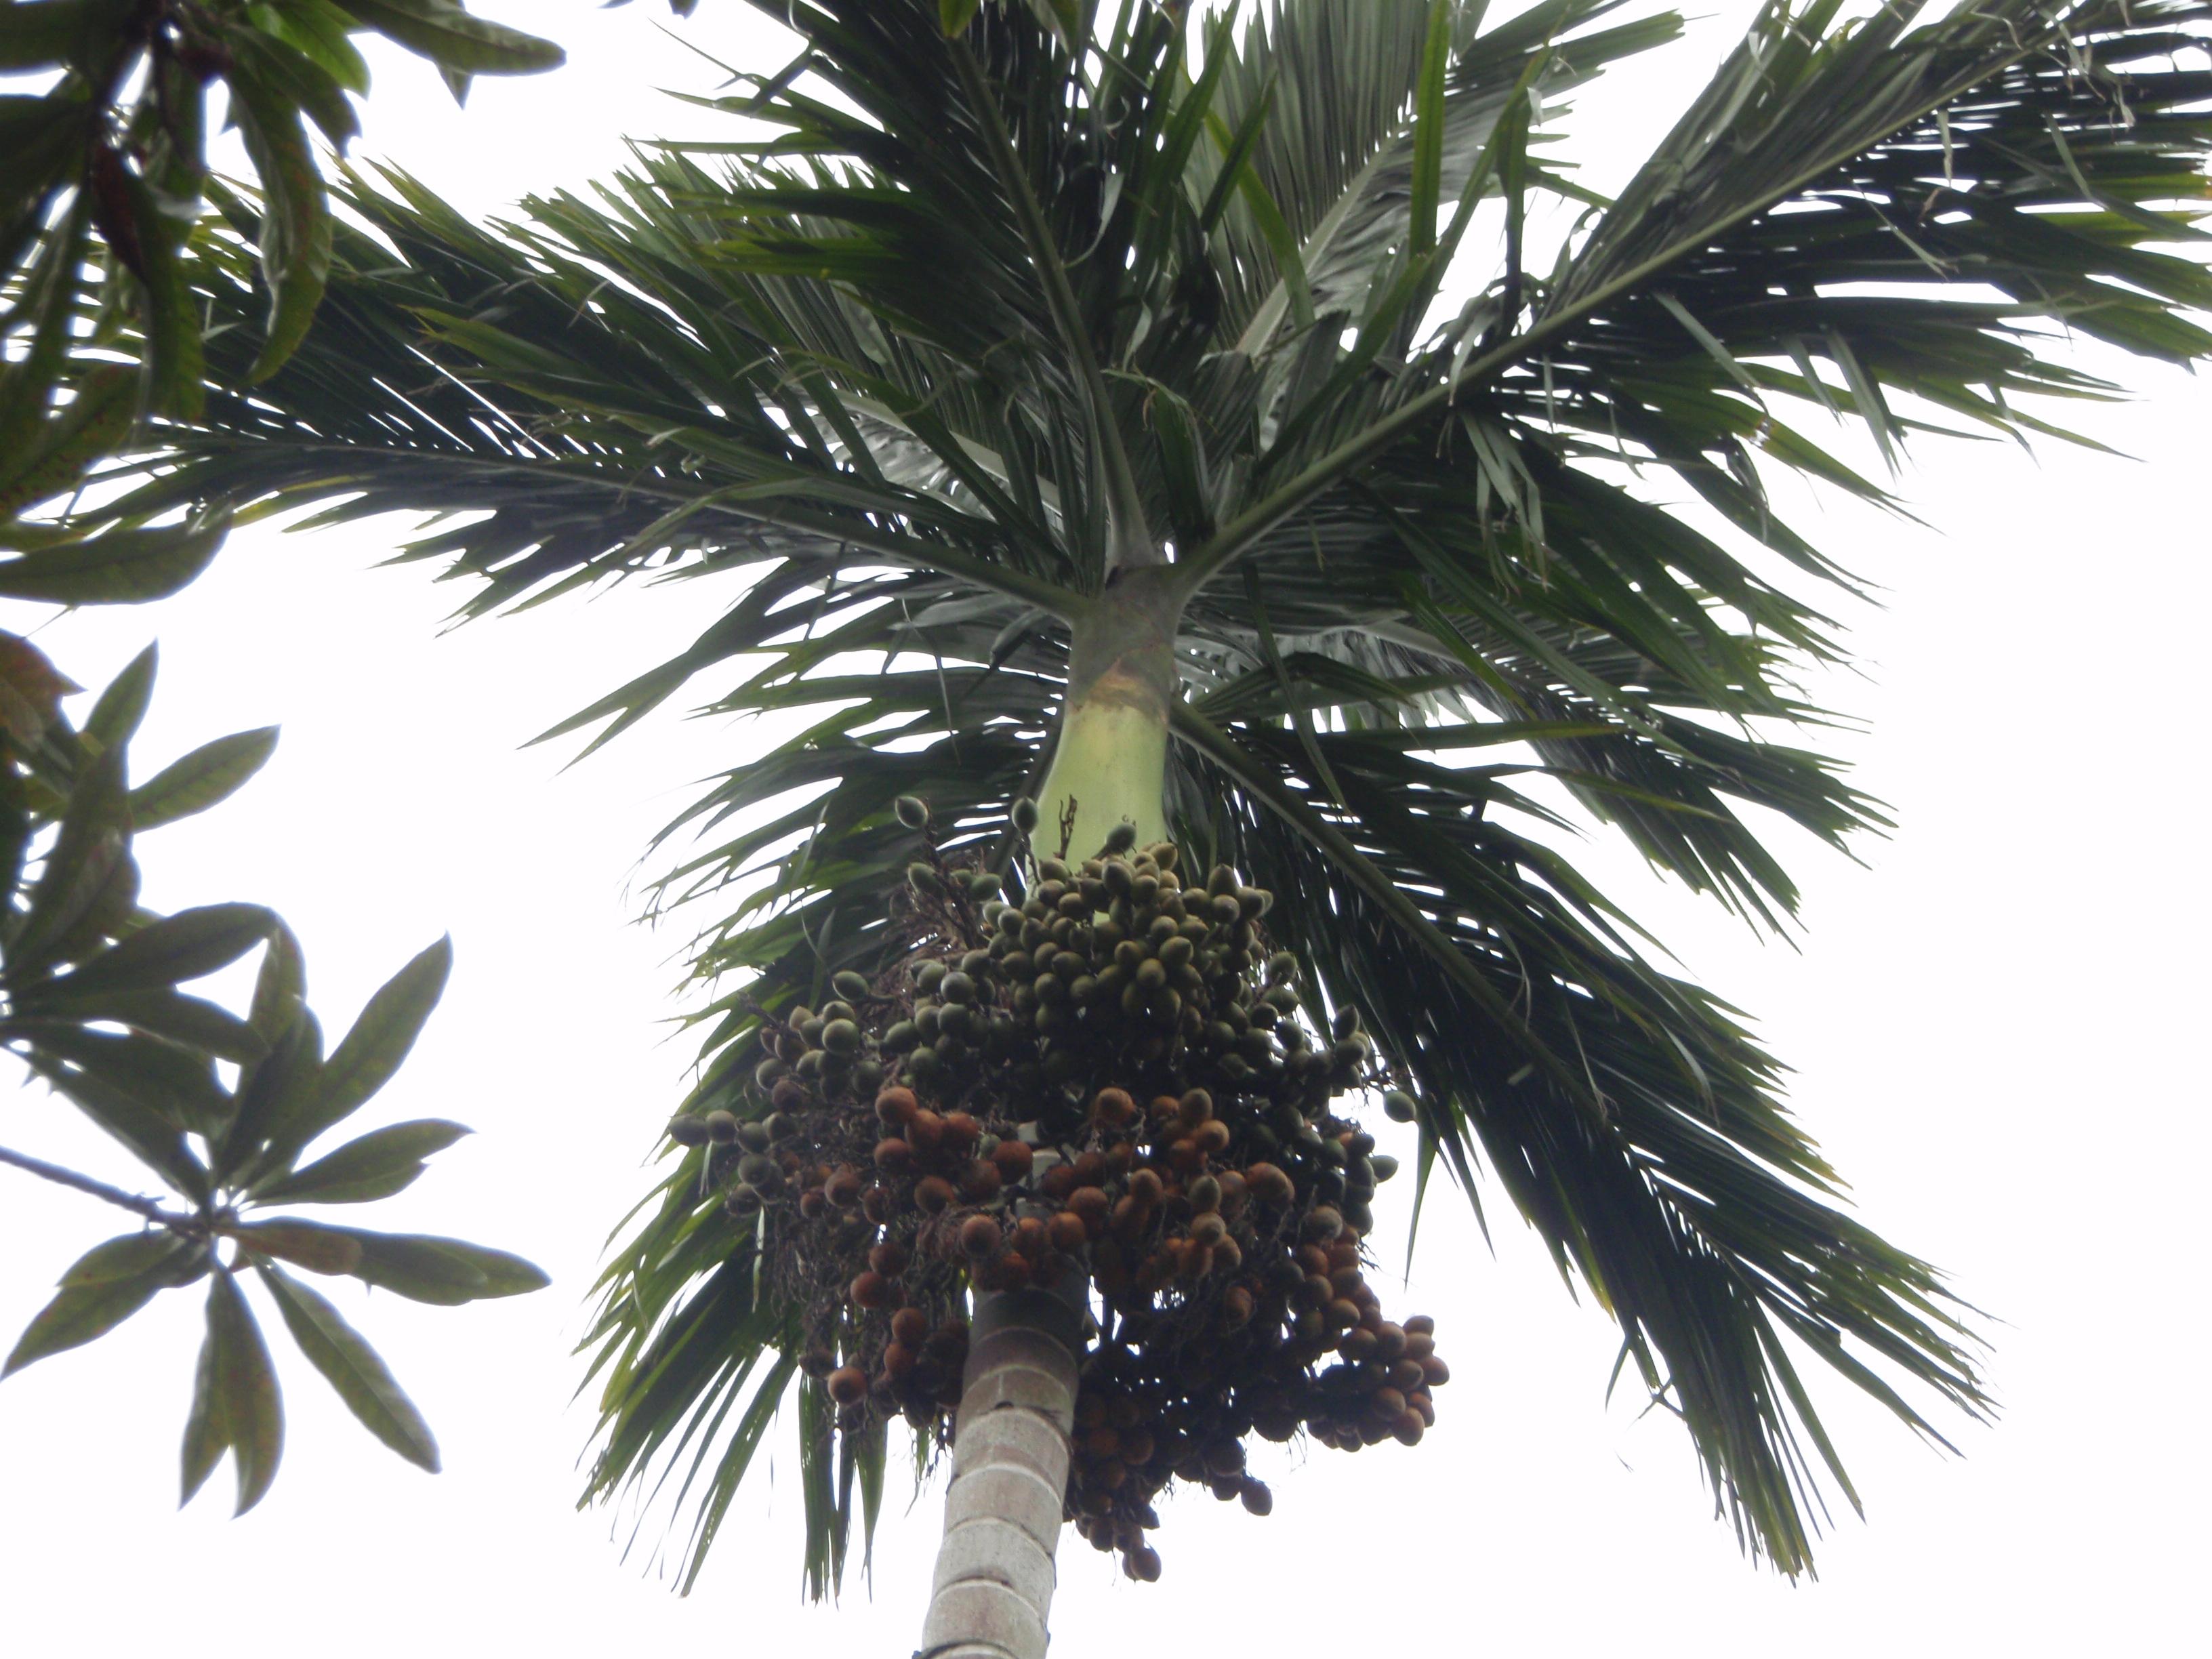 槟榔树摄影图